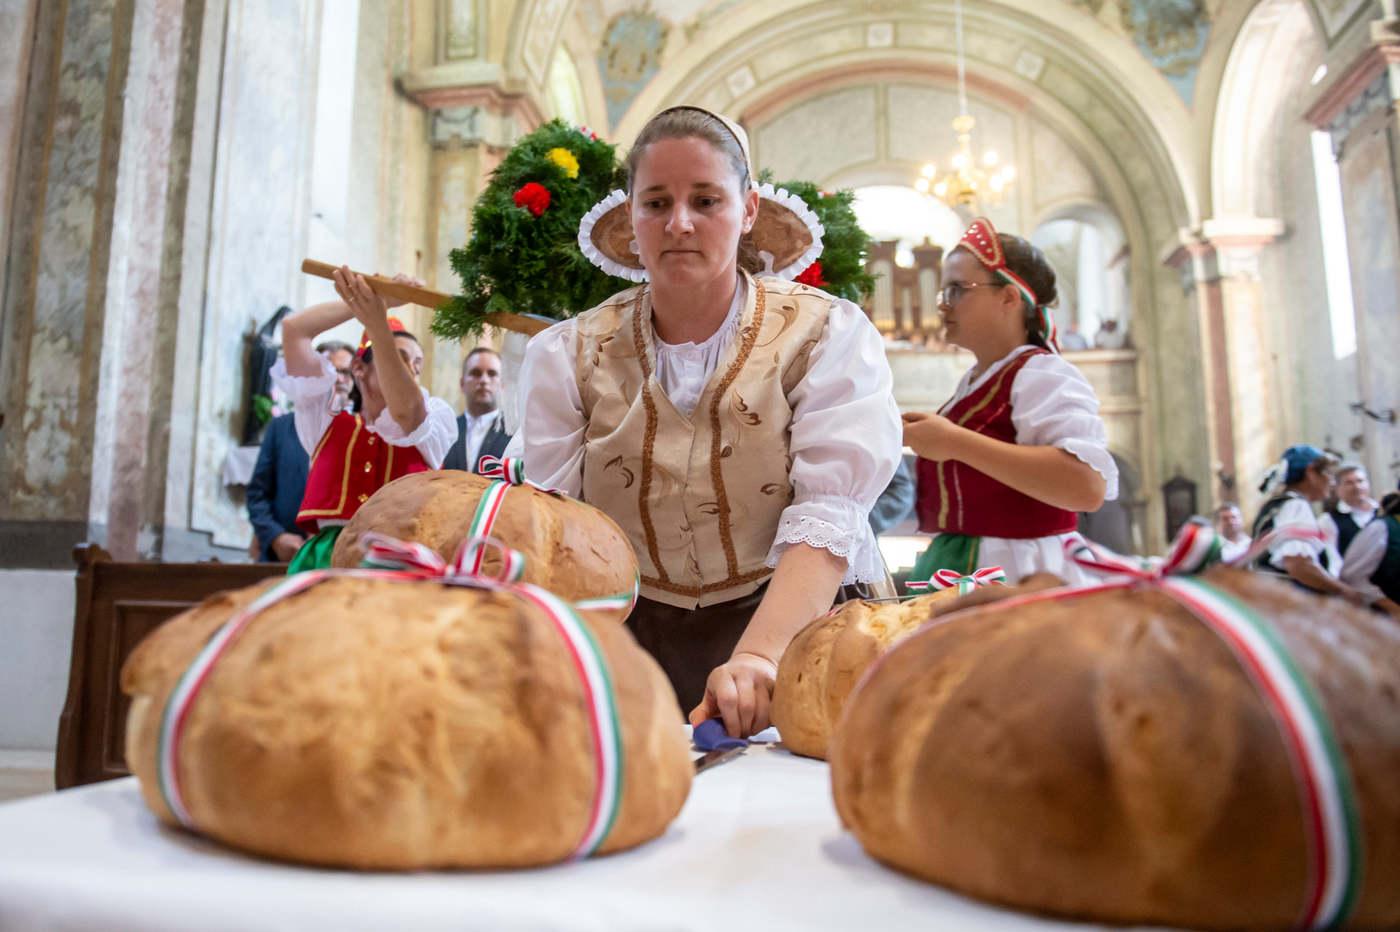 Népviseletbe öltözött asszony az új kenyereket helyezi el az államalapítás és az államalapító Szent István király ünnepén a kemencei római katolikus Kisboldogasszony templomban tartott szentmisén 2020. augusztus 20-án. MTI/Komka Péter